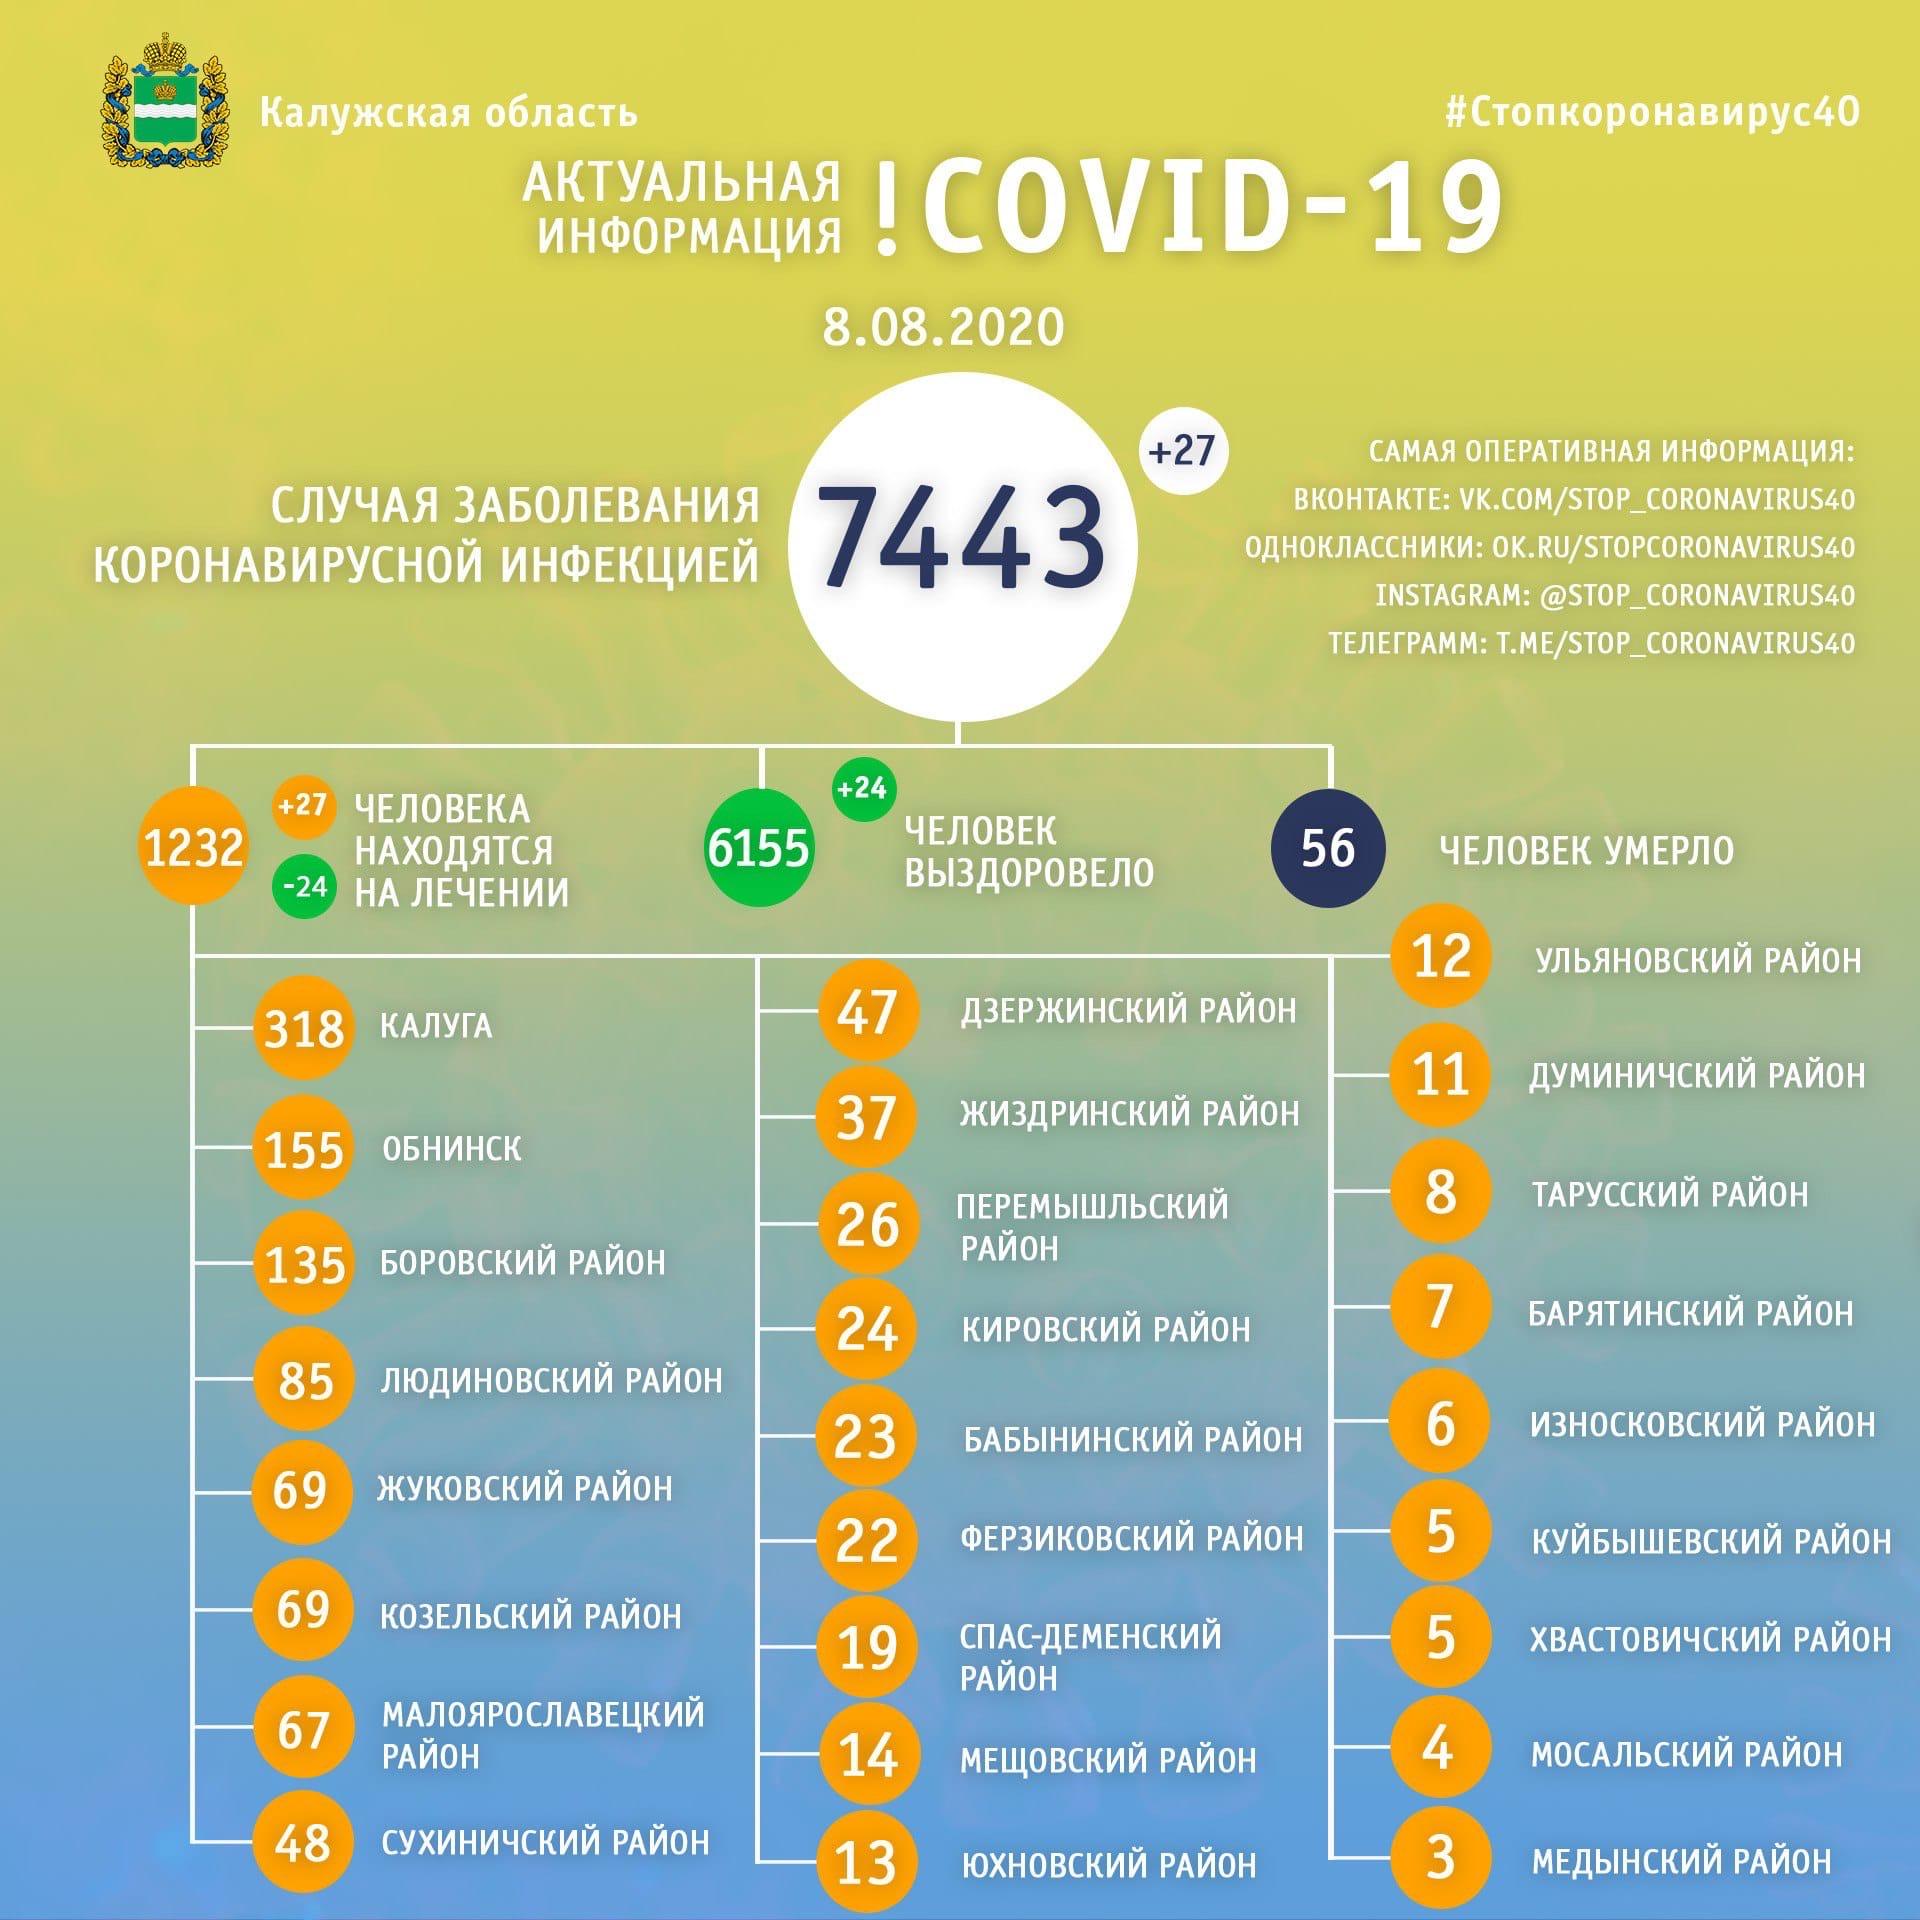 Коронавирус в Калужско области данные на 8 августа 2020 года